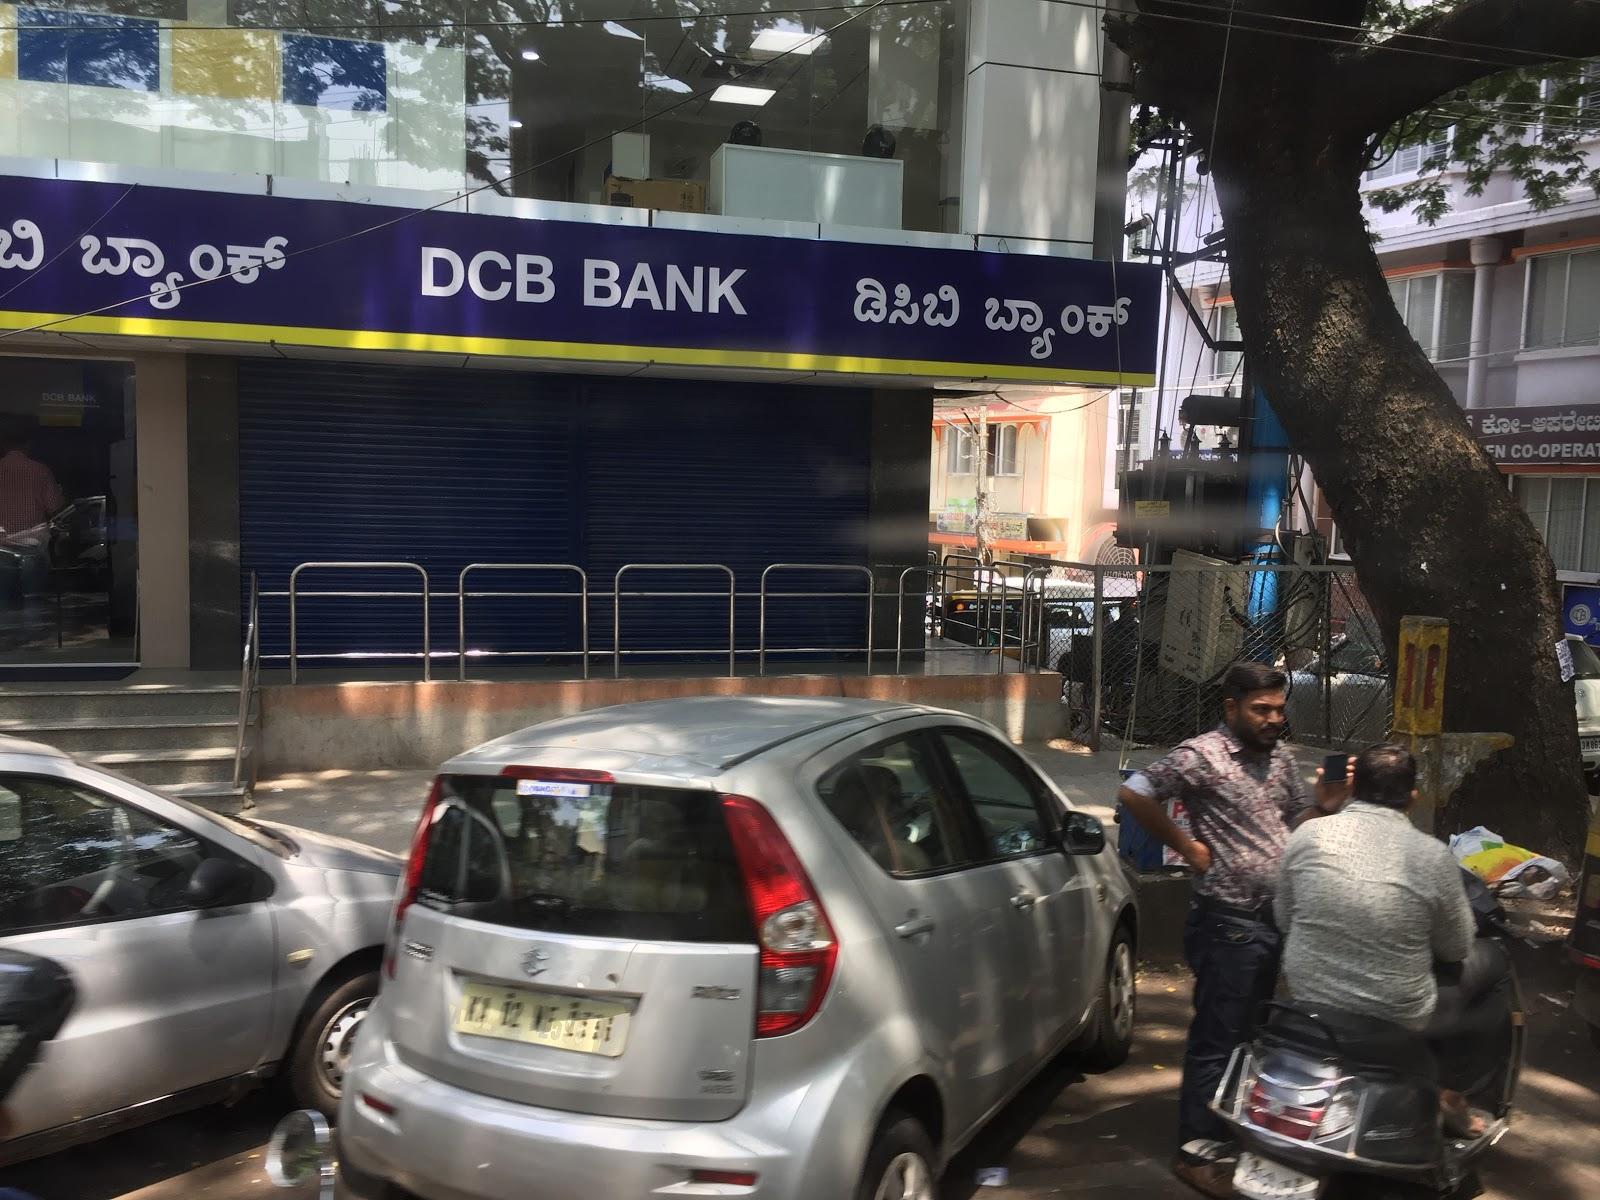 blood bank DCB Bank near Bengaluru Karnataka